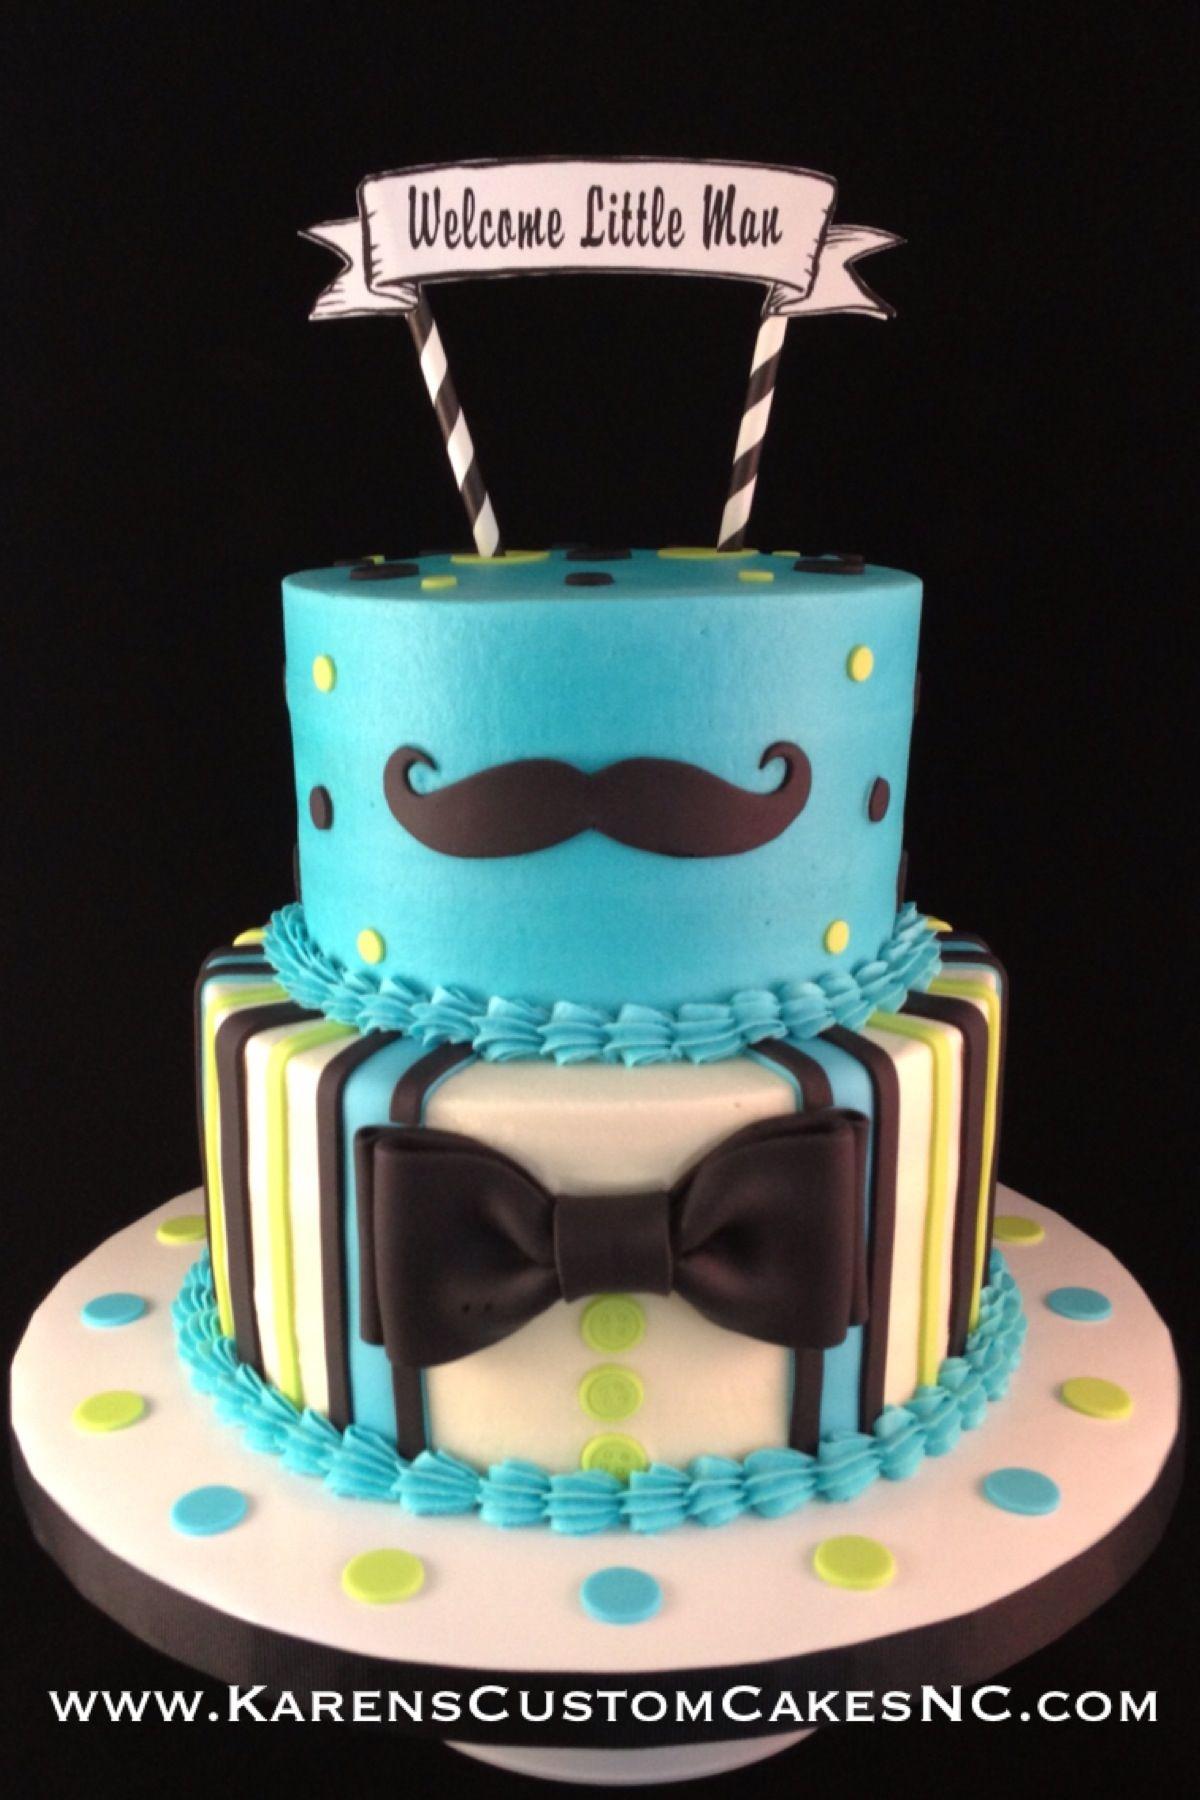 Little Man Themed Baby Shower Cake 86 Buttercream Cake W Fondant